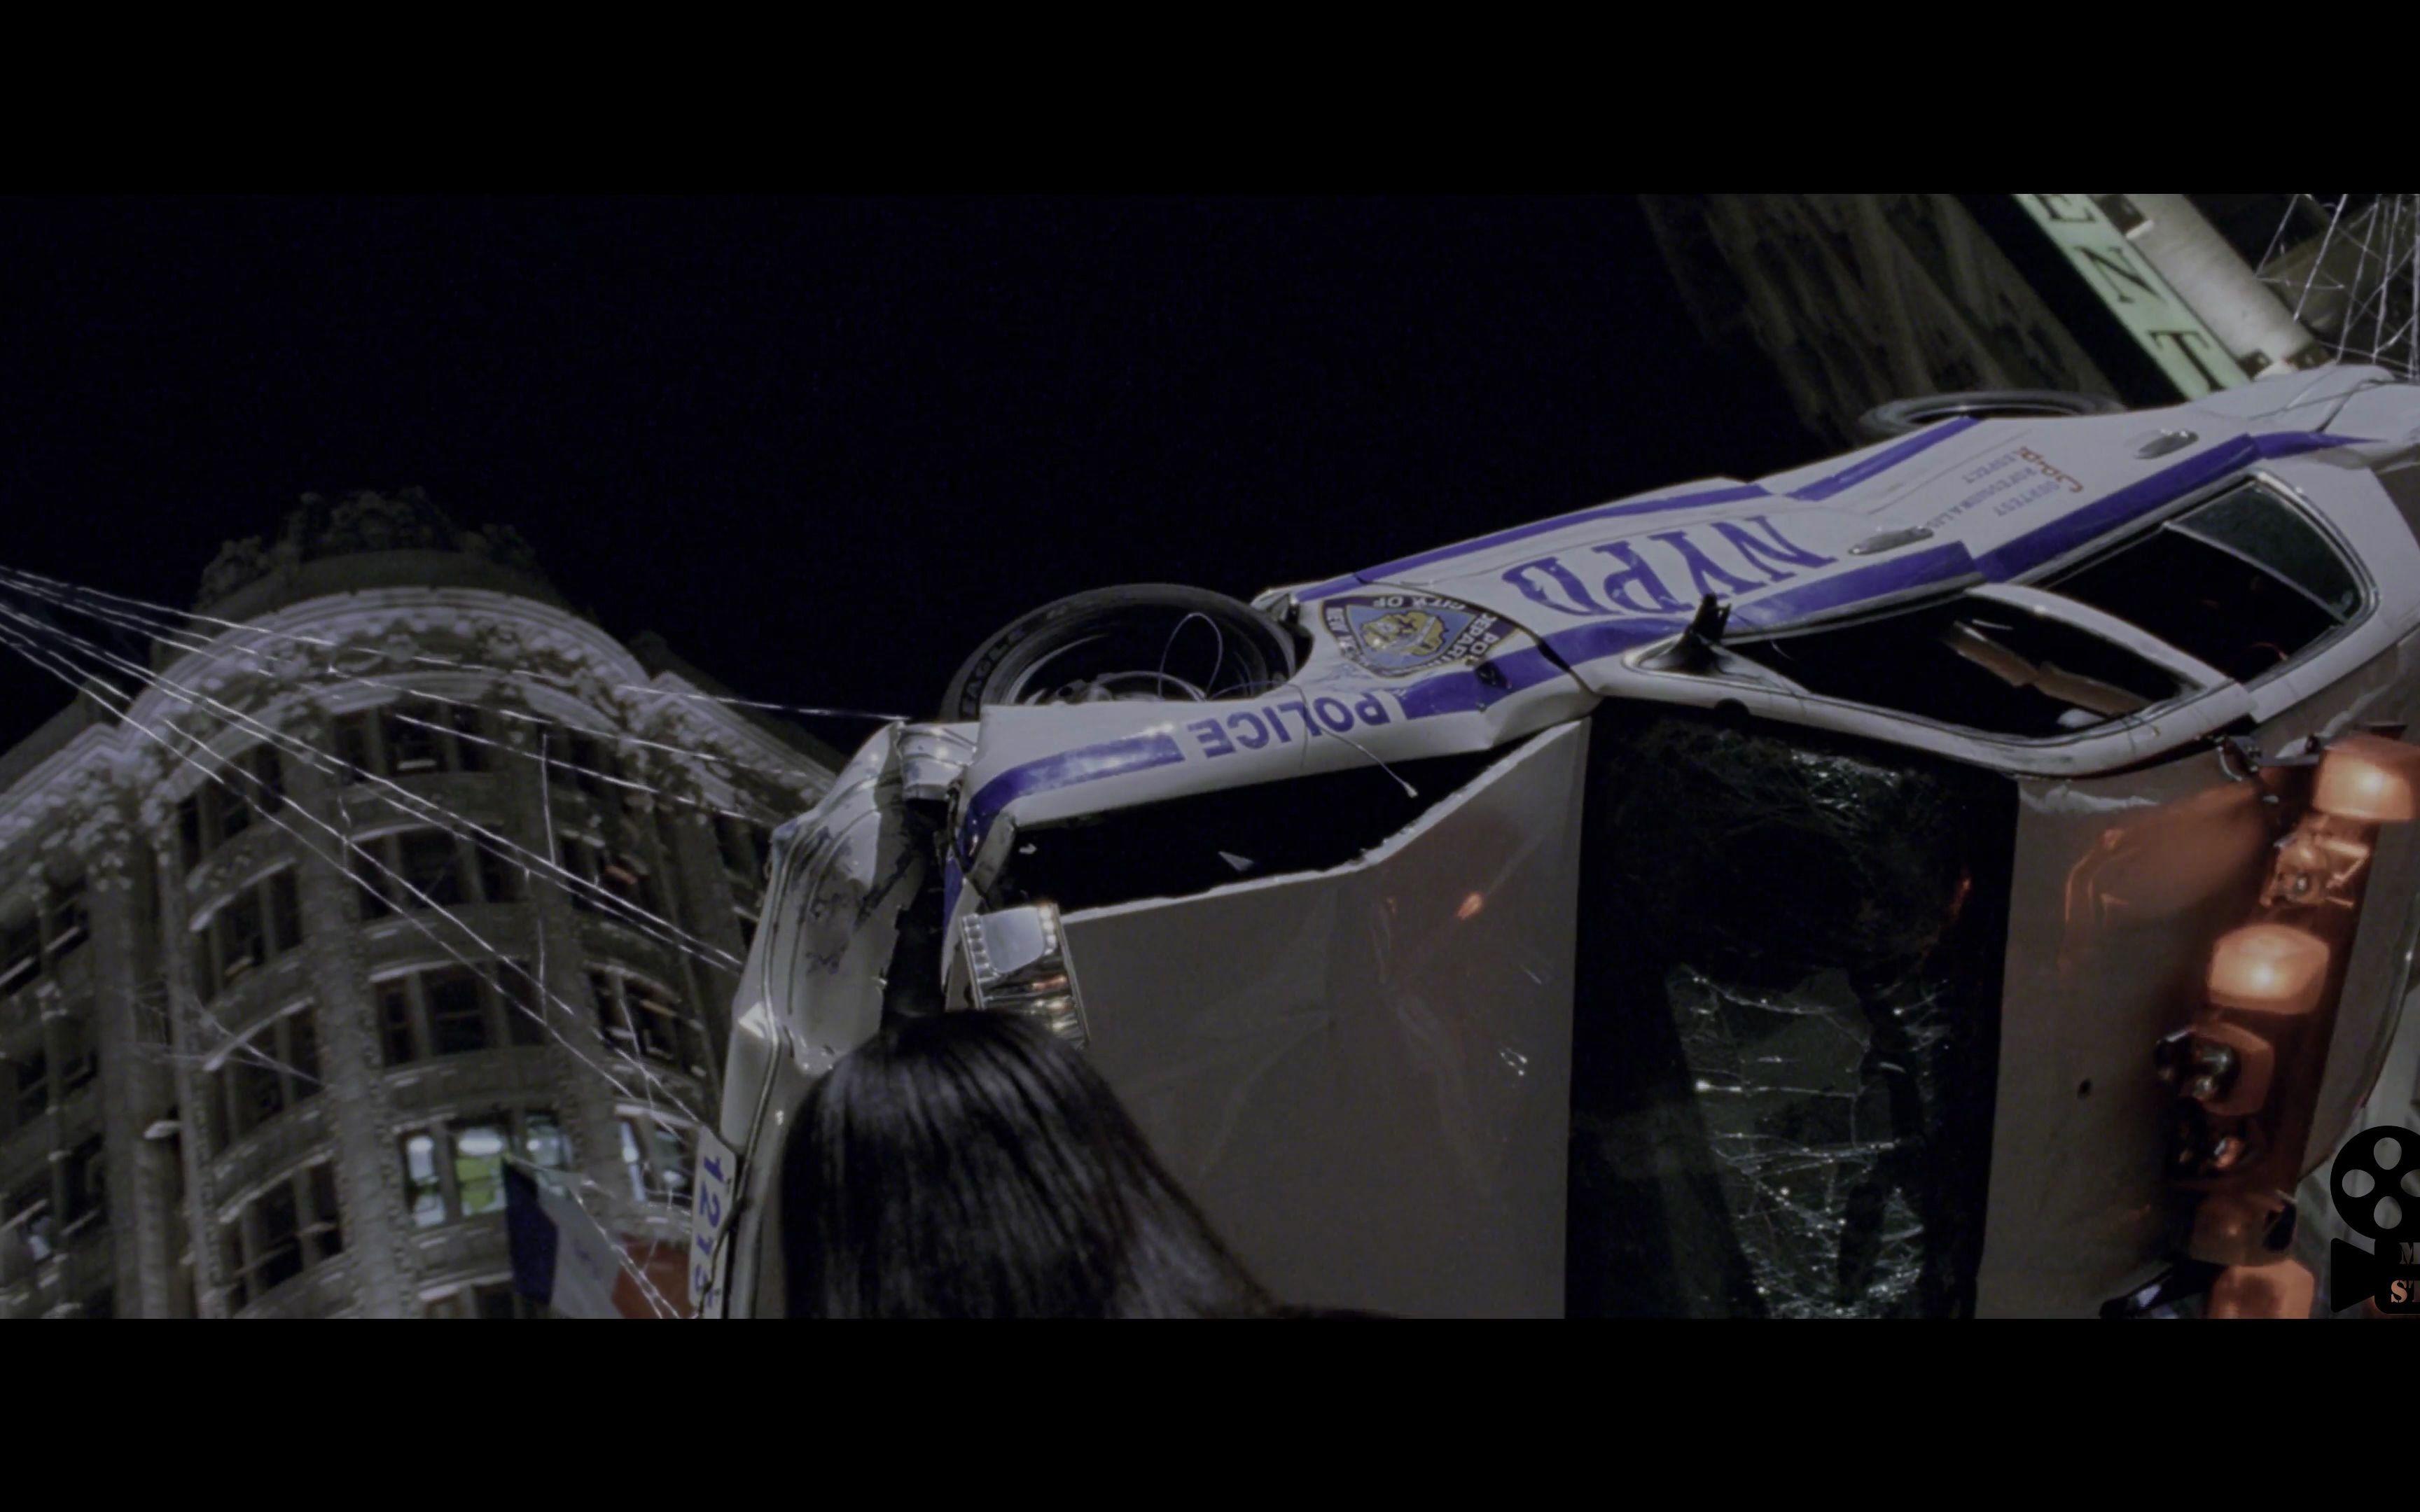 Spider-Man 2 2004 2160p Movie Clip 2